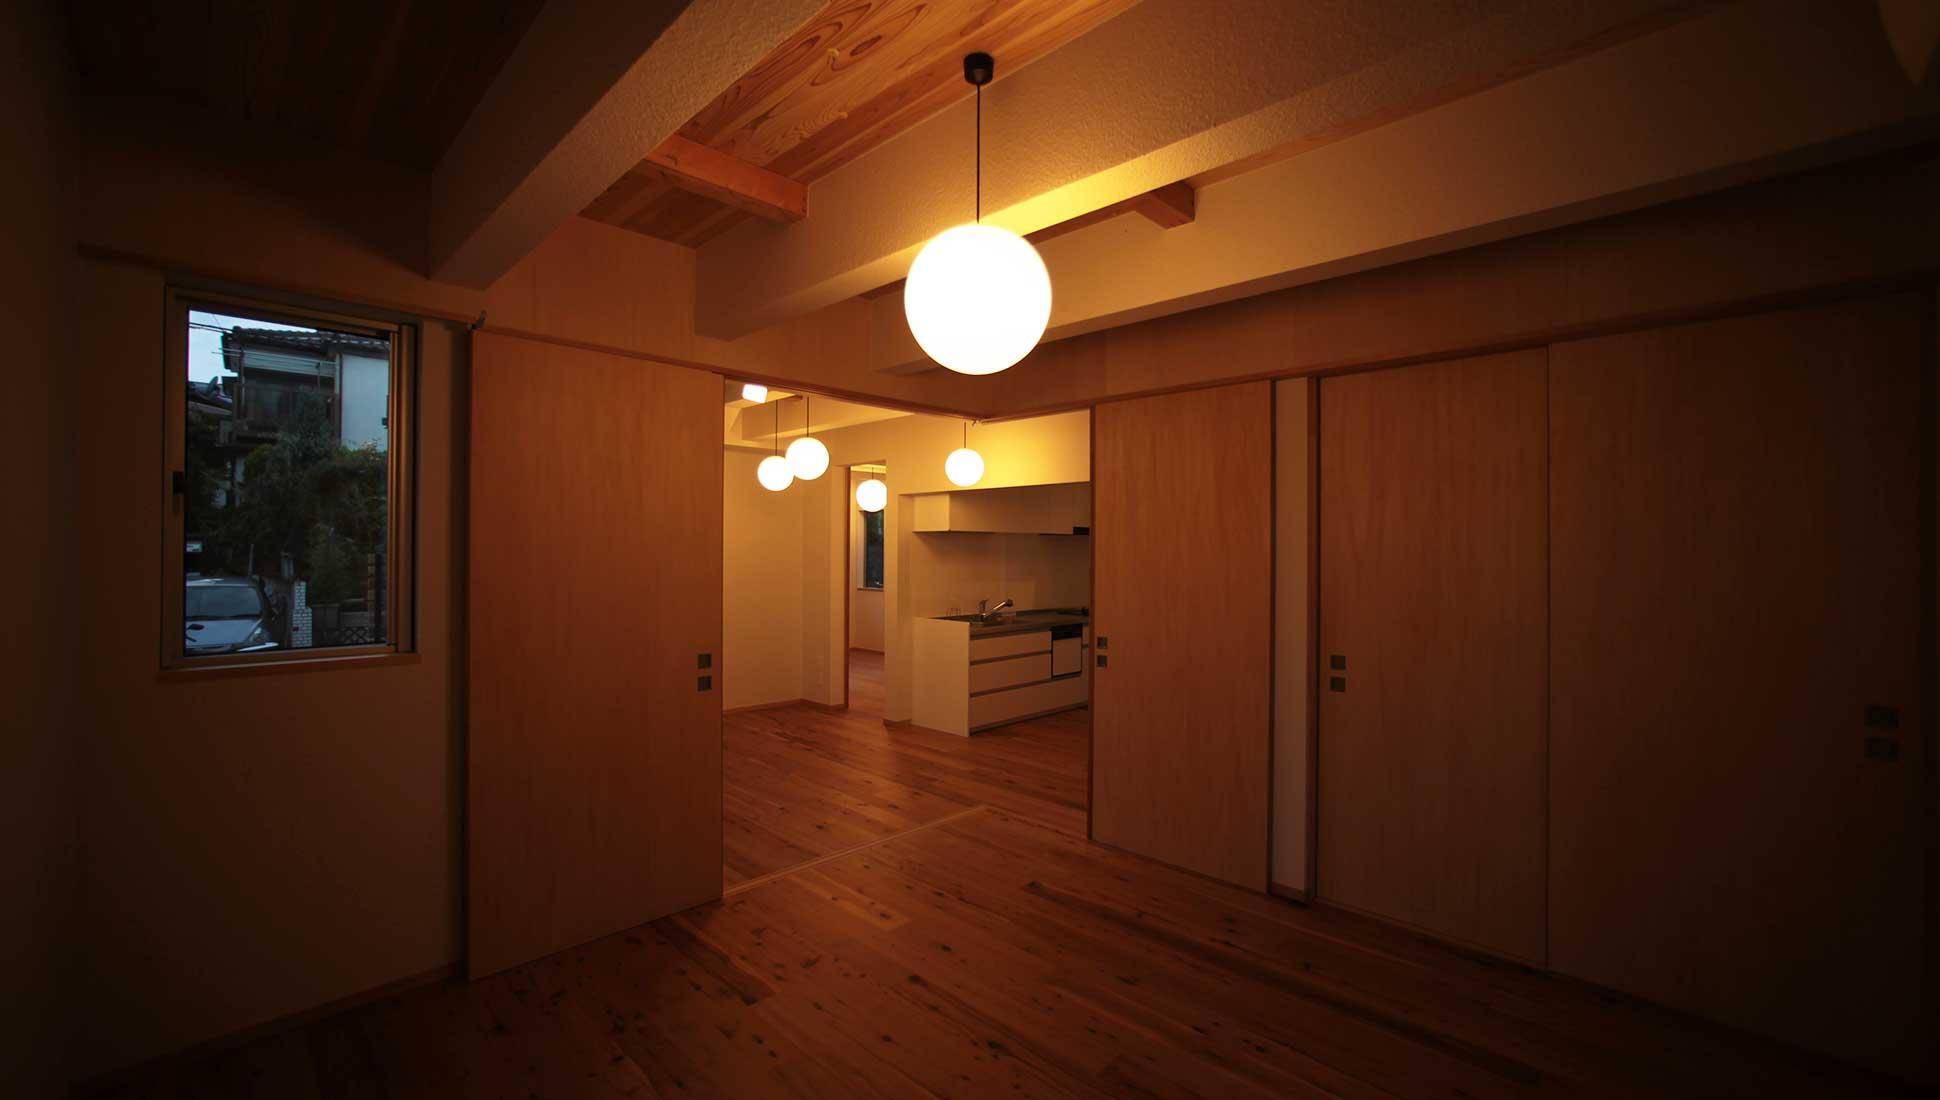 照明のリズム感のあるデザイン:Jパネルと南側階段のデザイン住宅